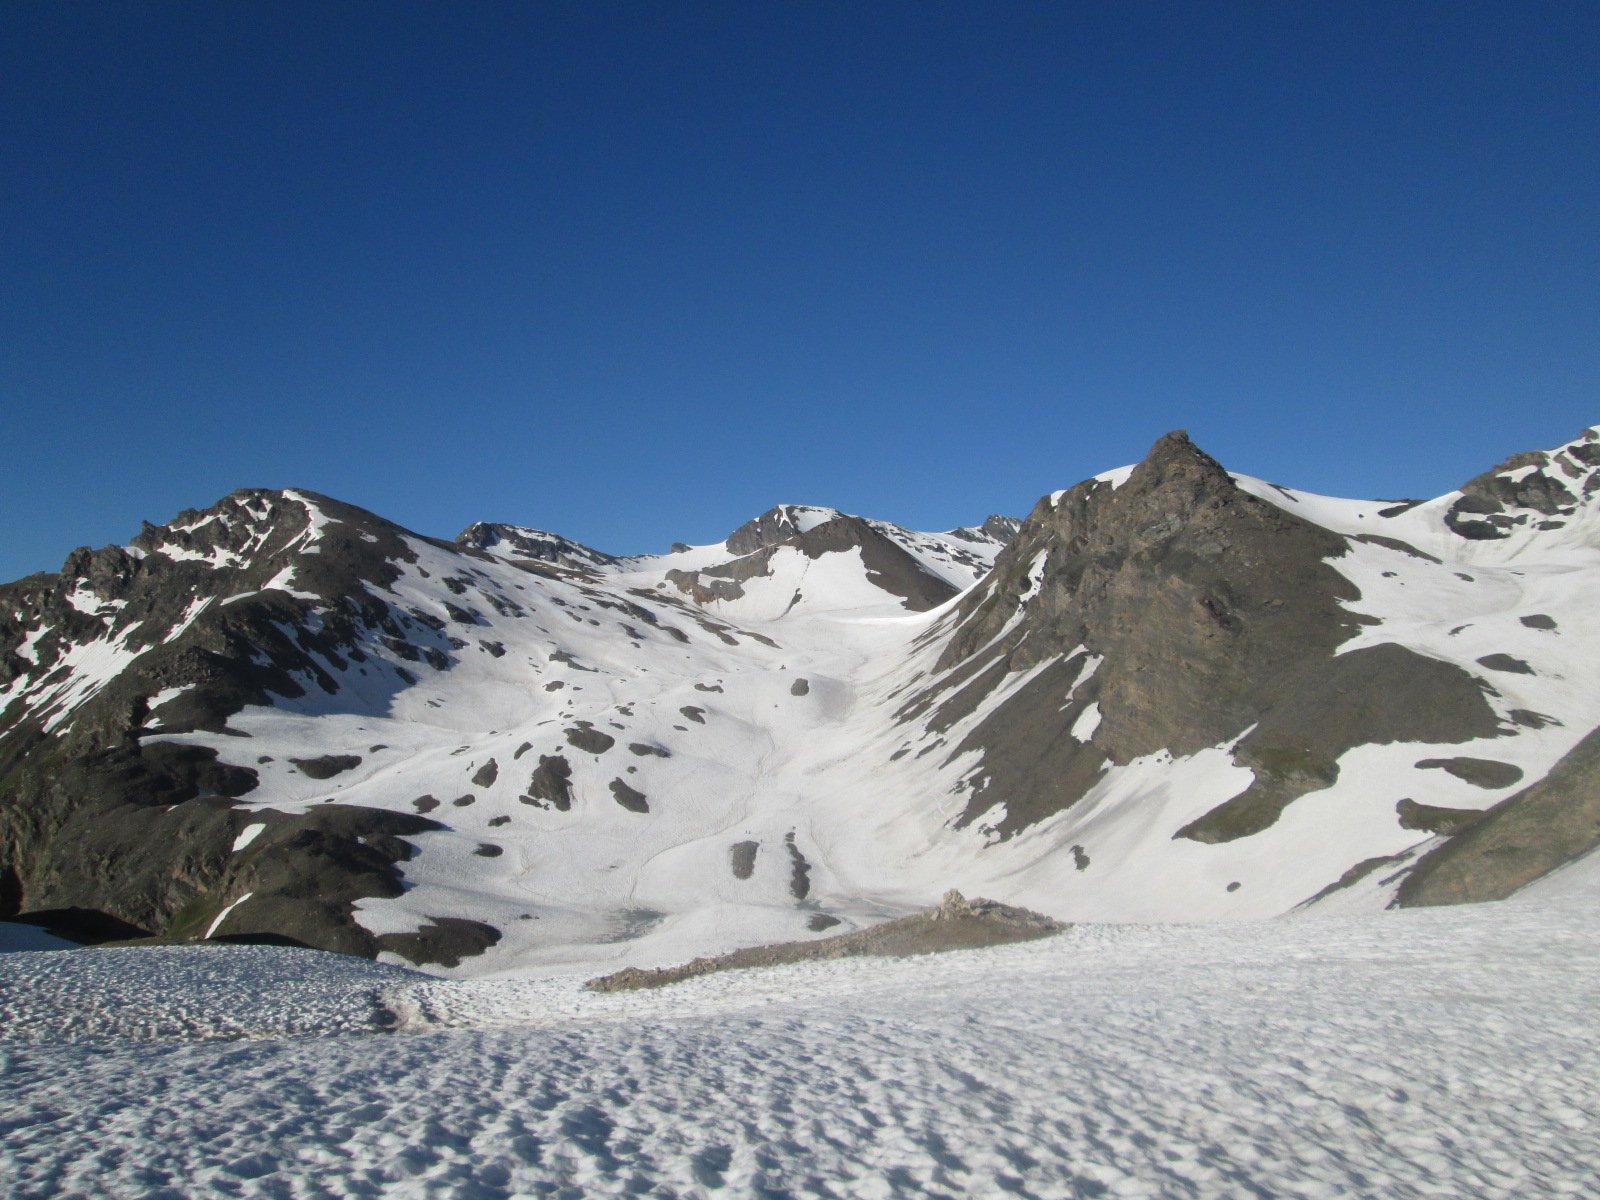 l'itinerario visto dal colletto sotto la Tretetes...la cima è ancora lontana